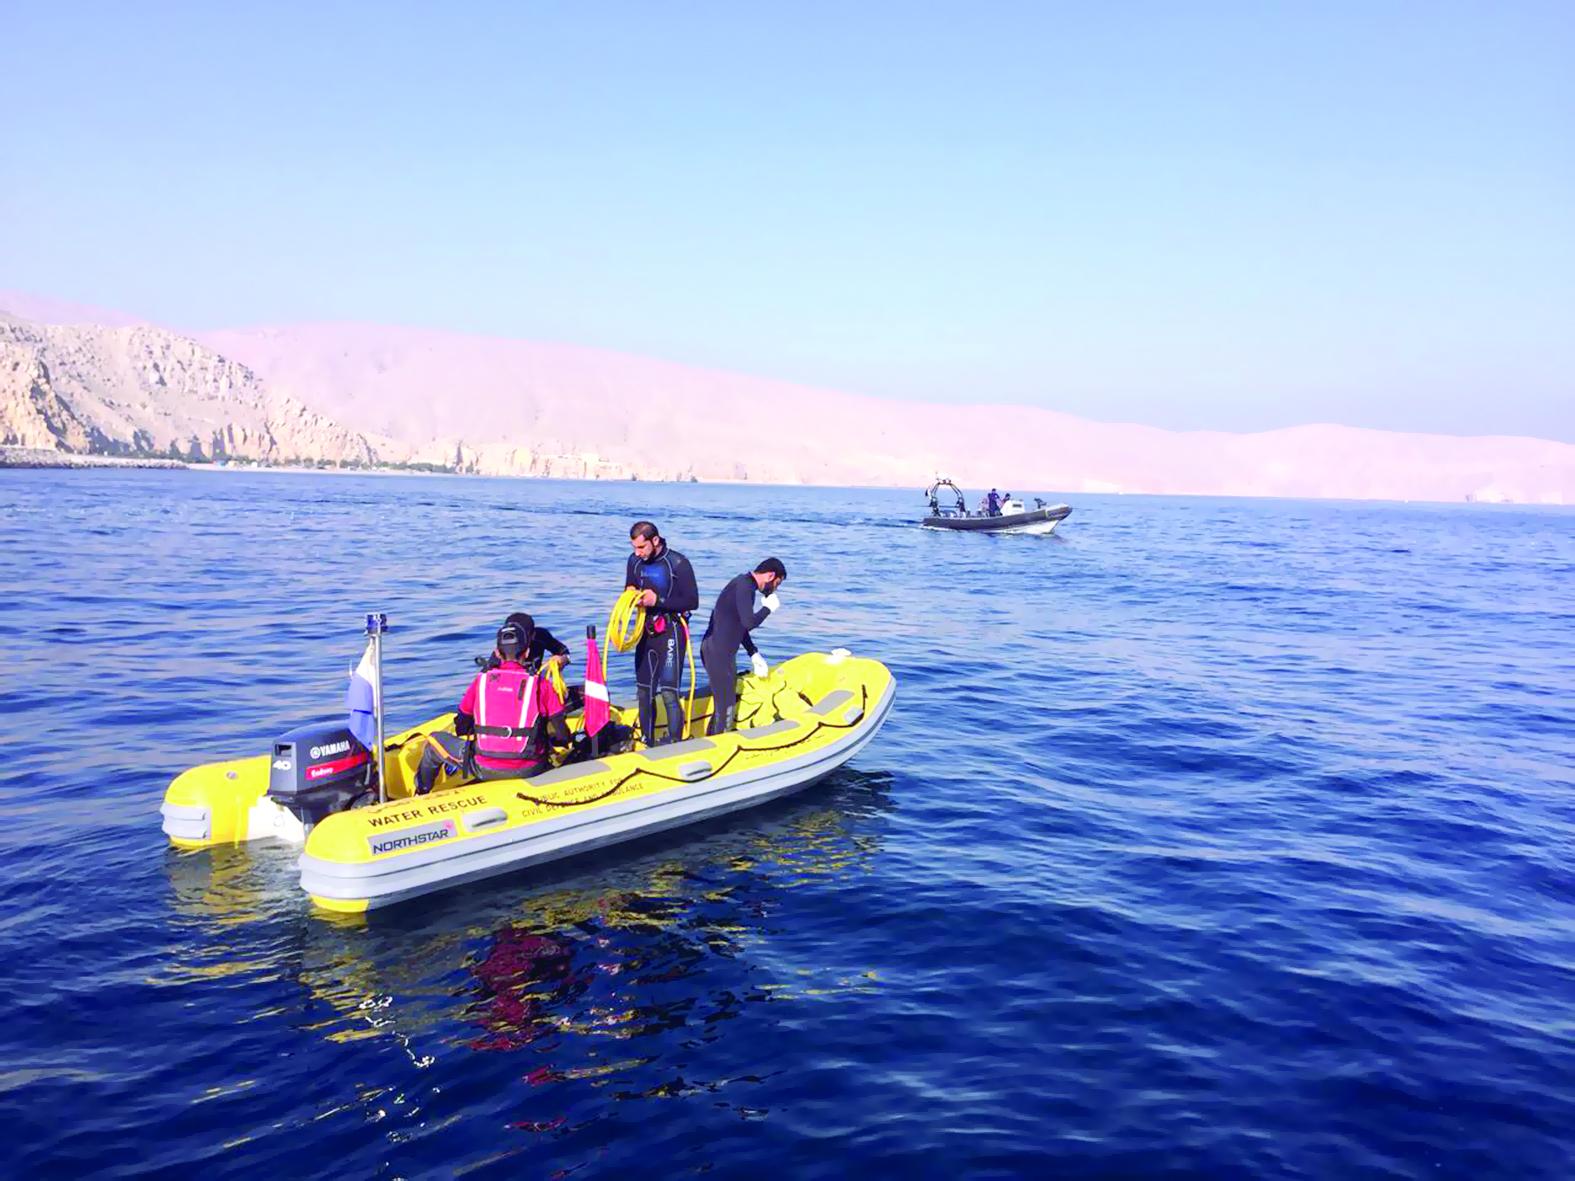 تمرين وهمي لحادث تصادم قاربين في عرض البحر